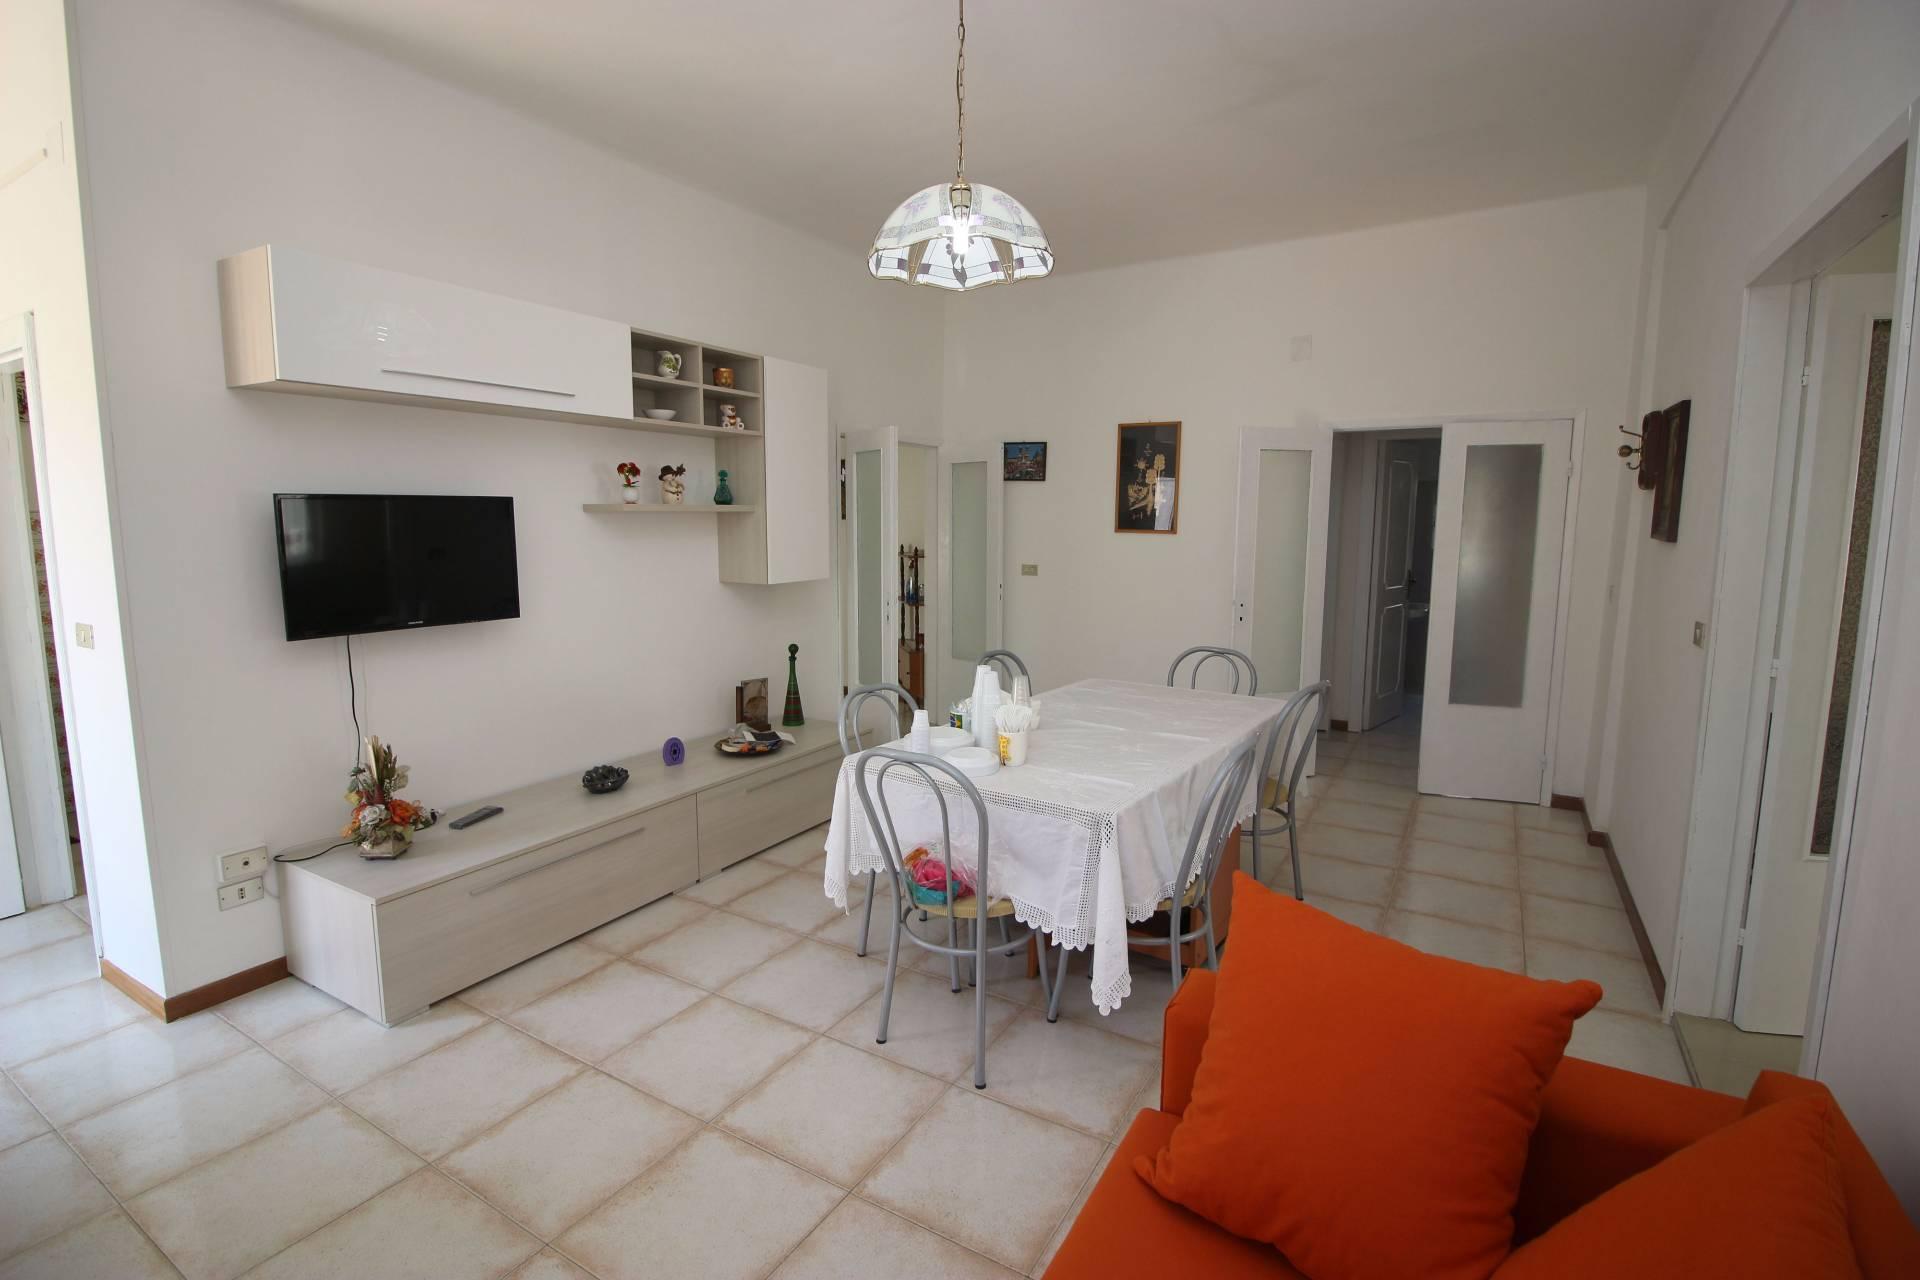 Appartamento in affitto a Alba Adriatica, 5 locali, zona Località: ZonaMare, prezzo € 350 | Cambio Casa.it